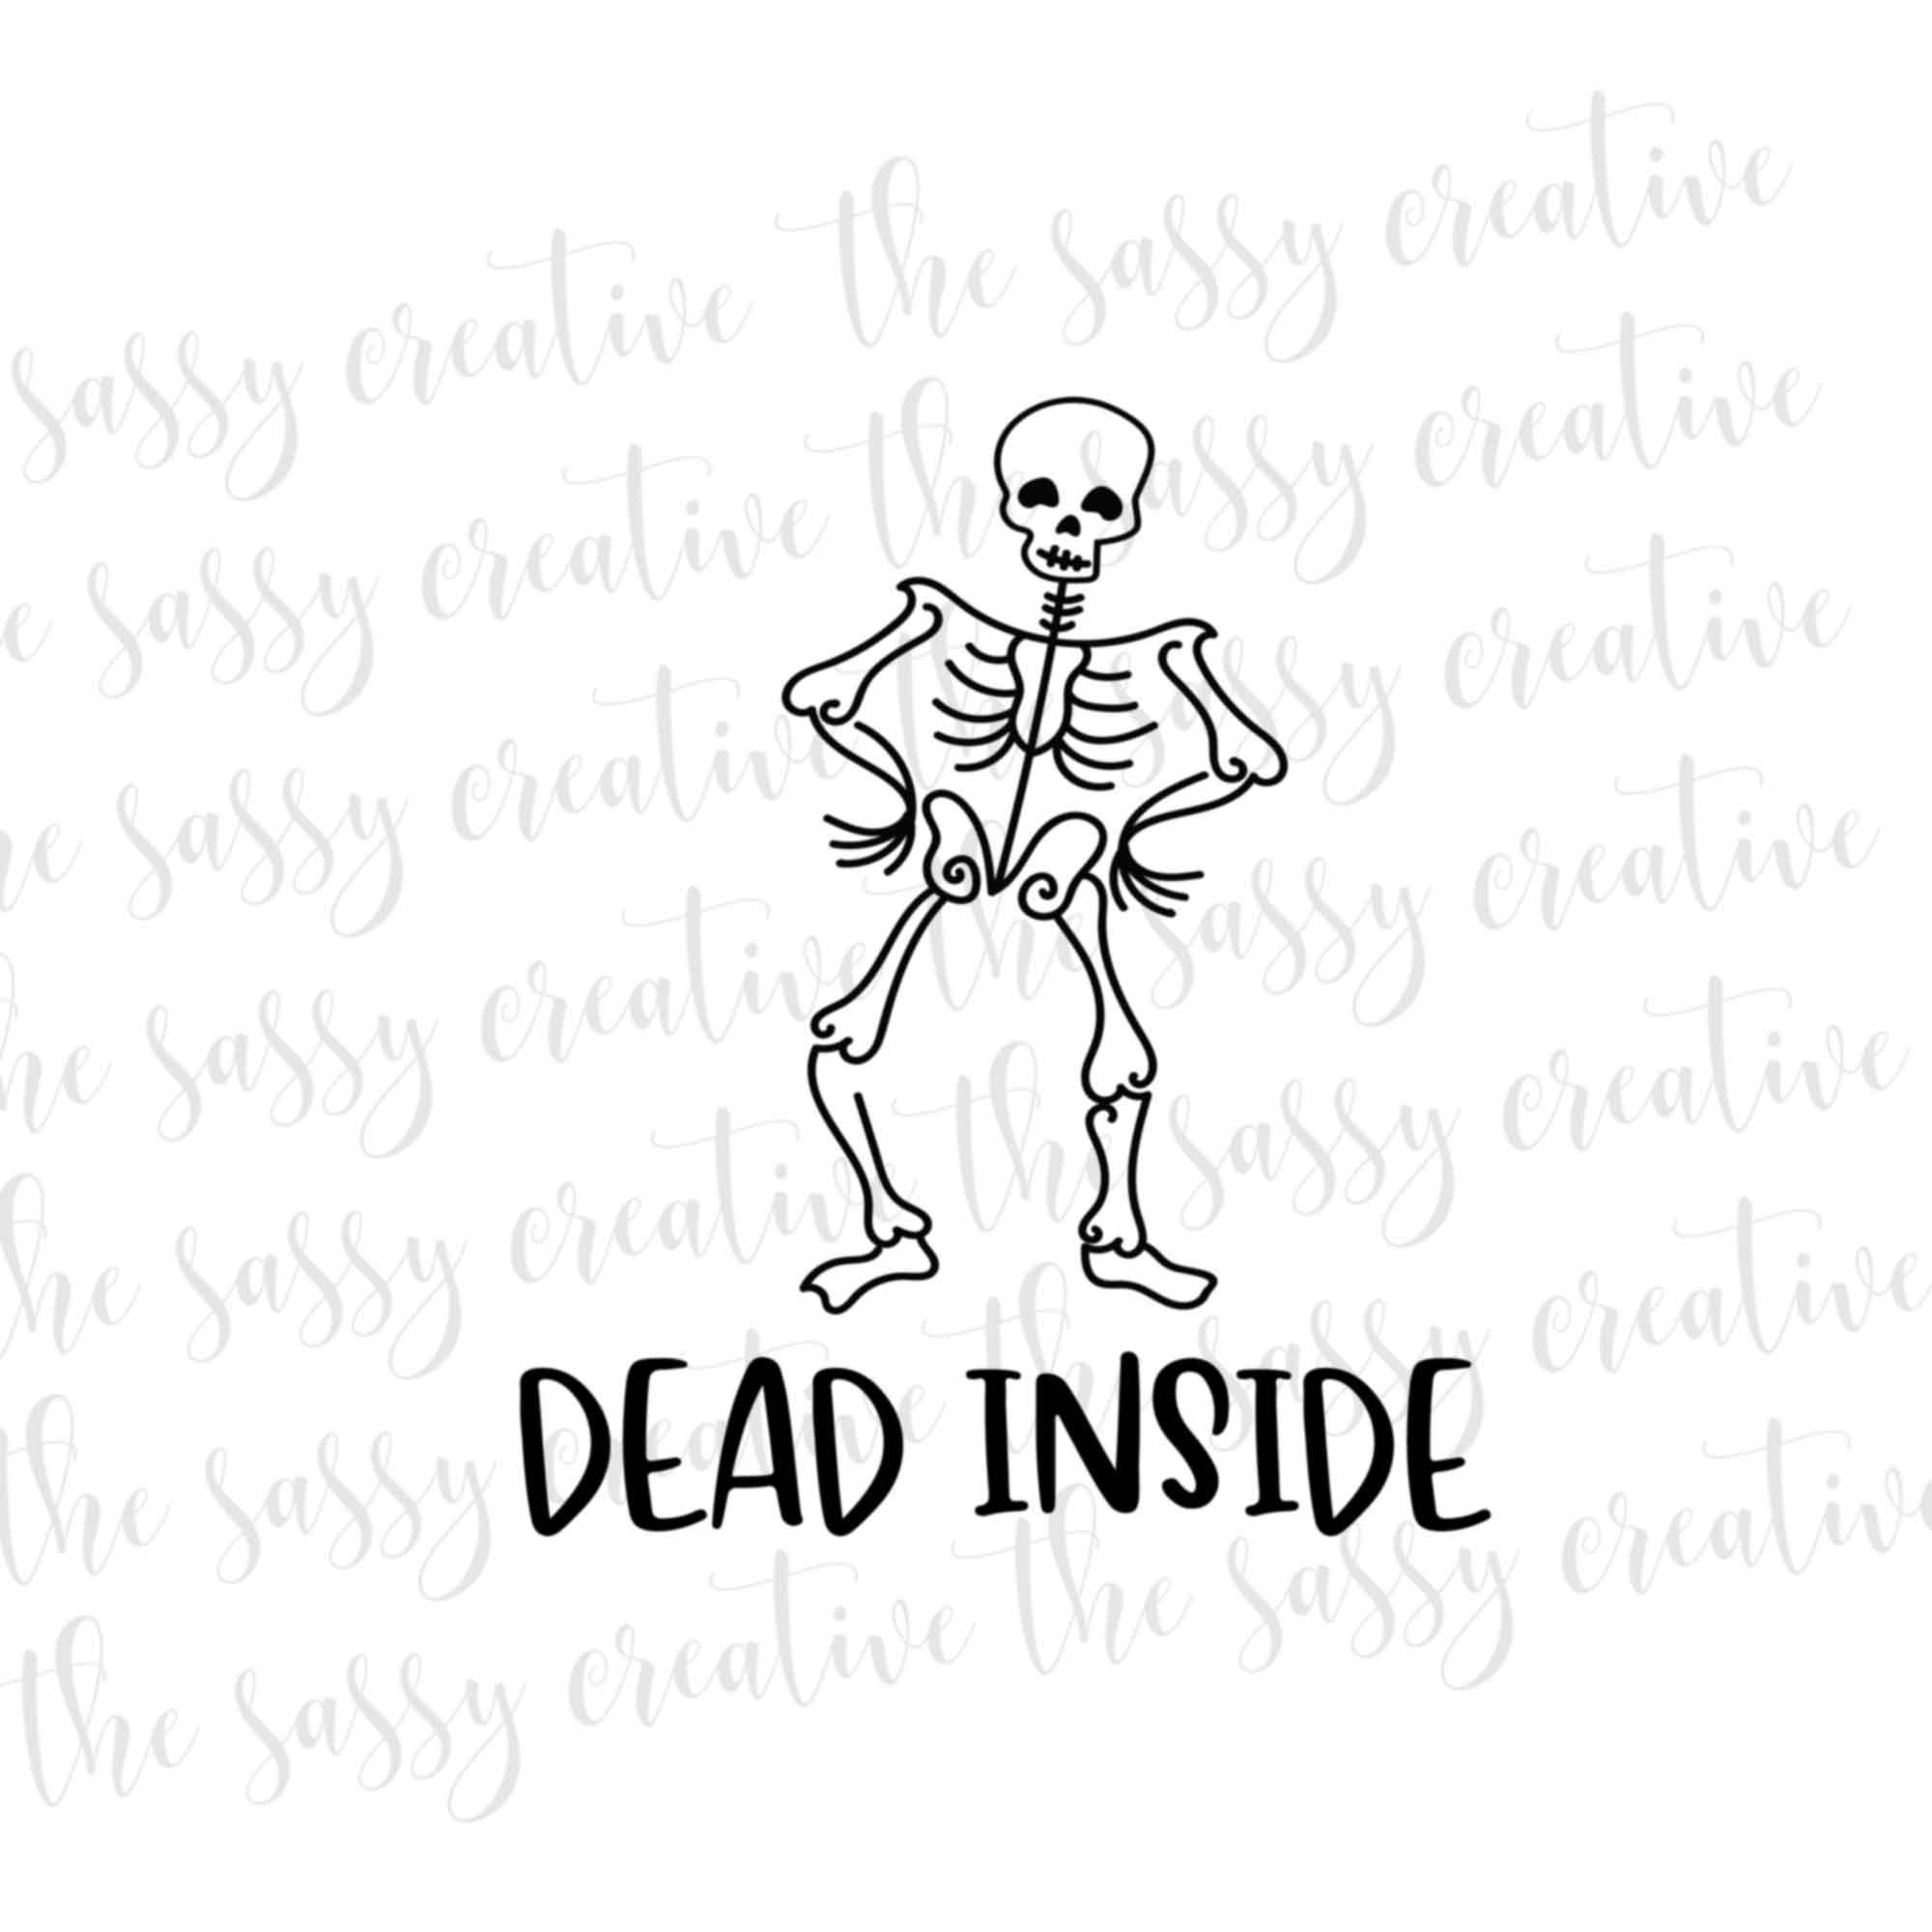 deadinsidecover2